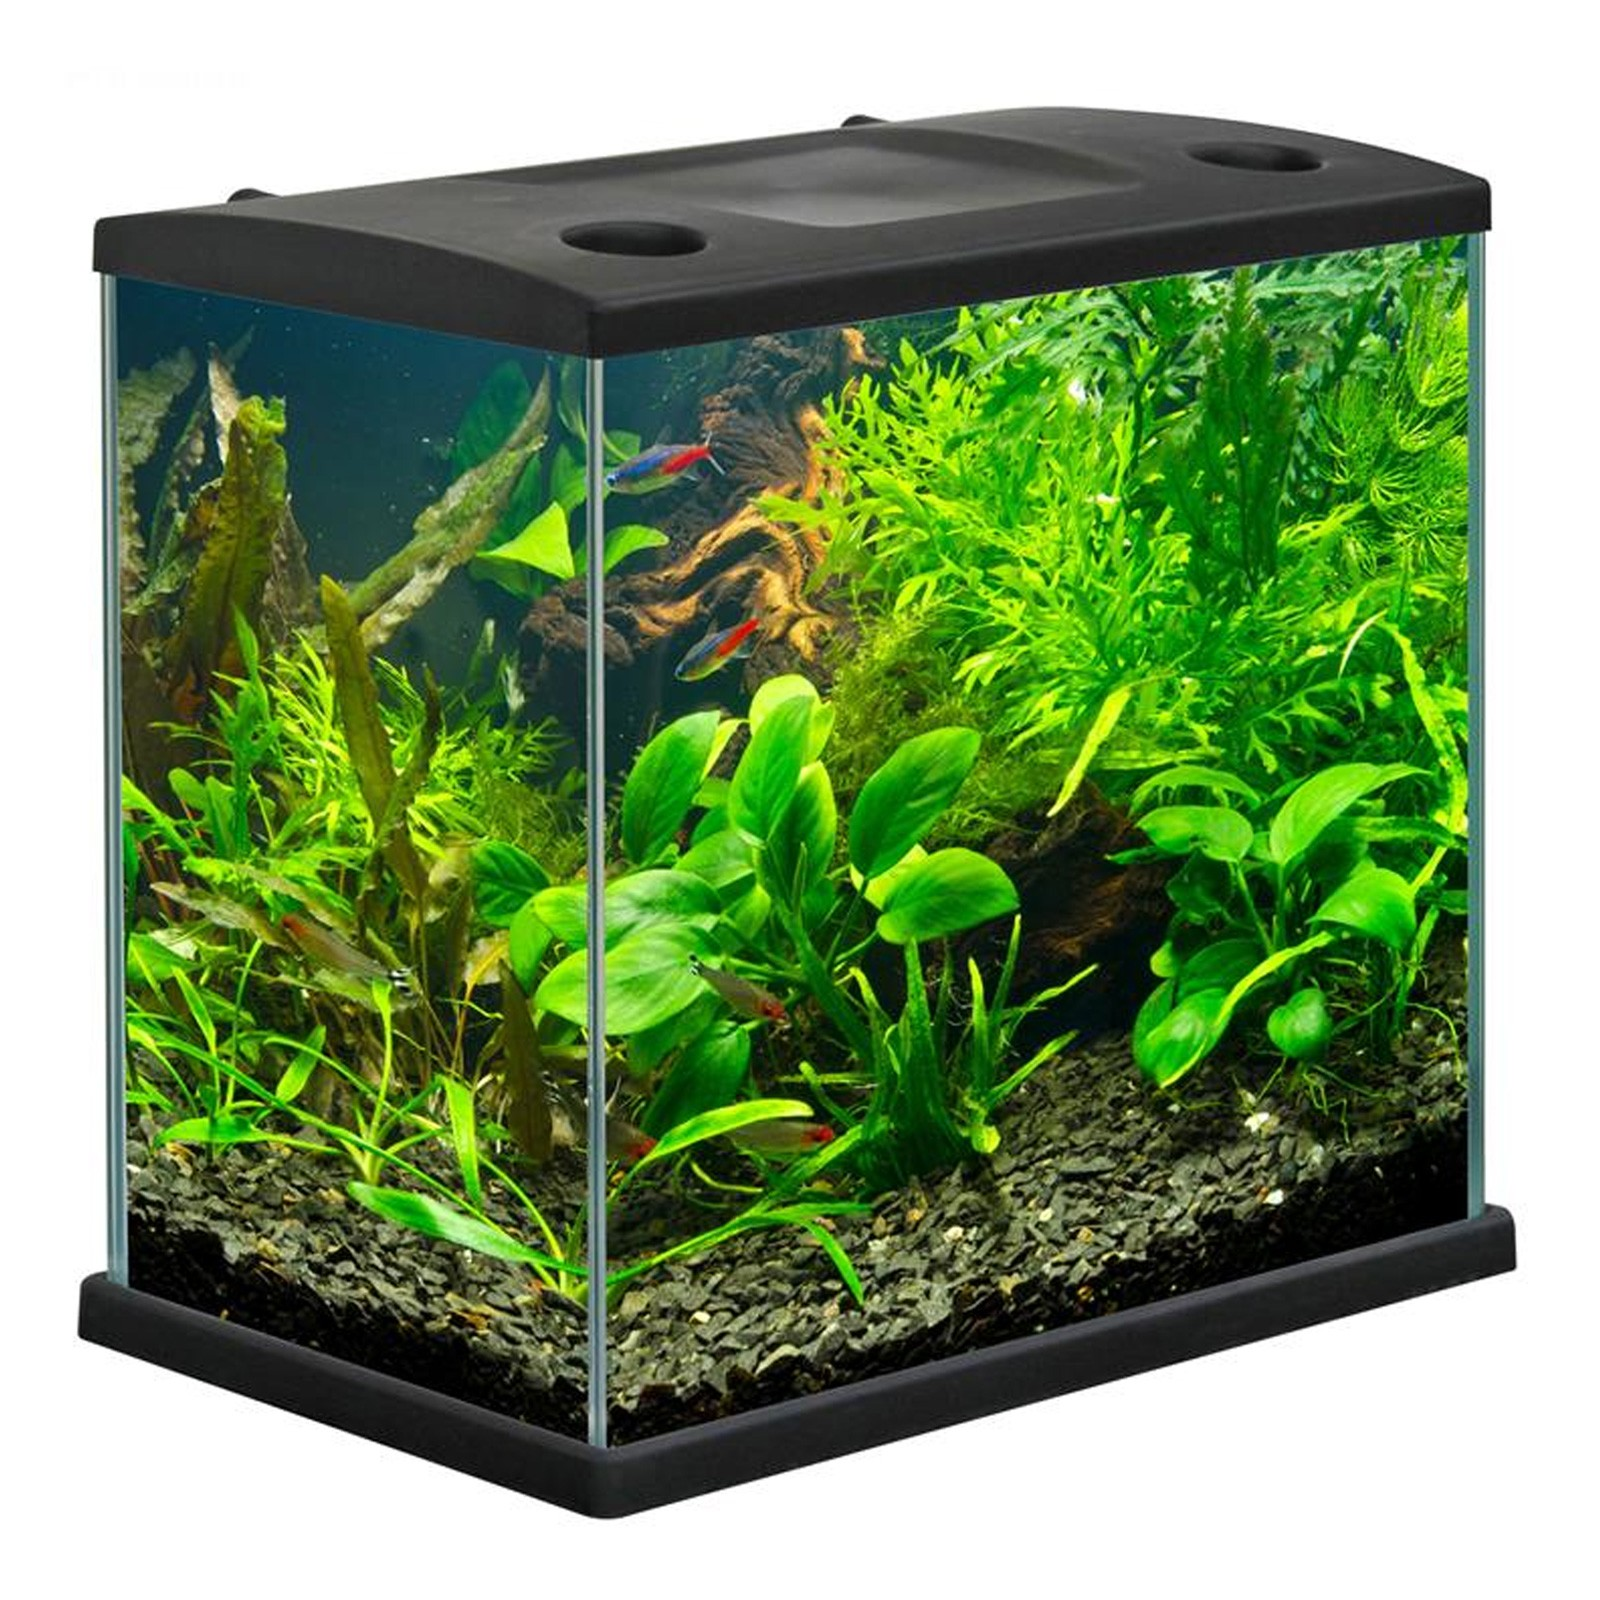 Acquario completo MTB Cleo Plus accessoriato 22.5 L Nero Per pesci rossi